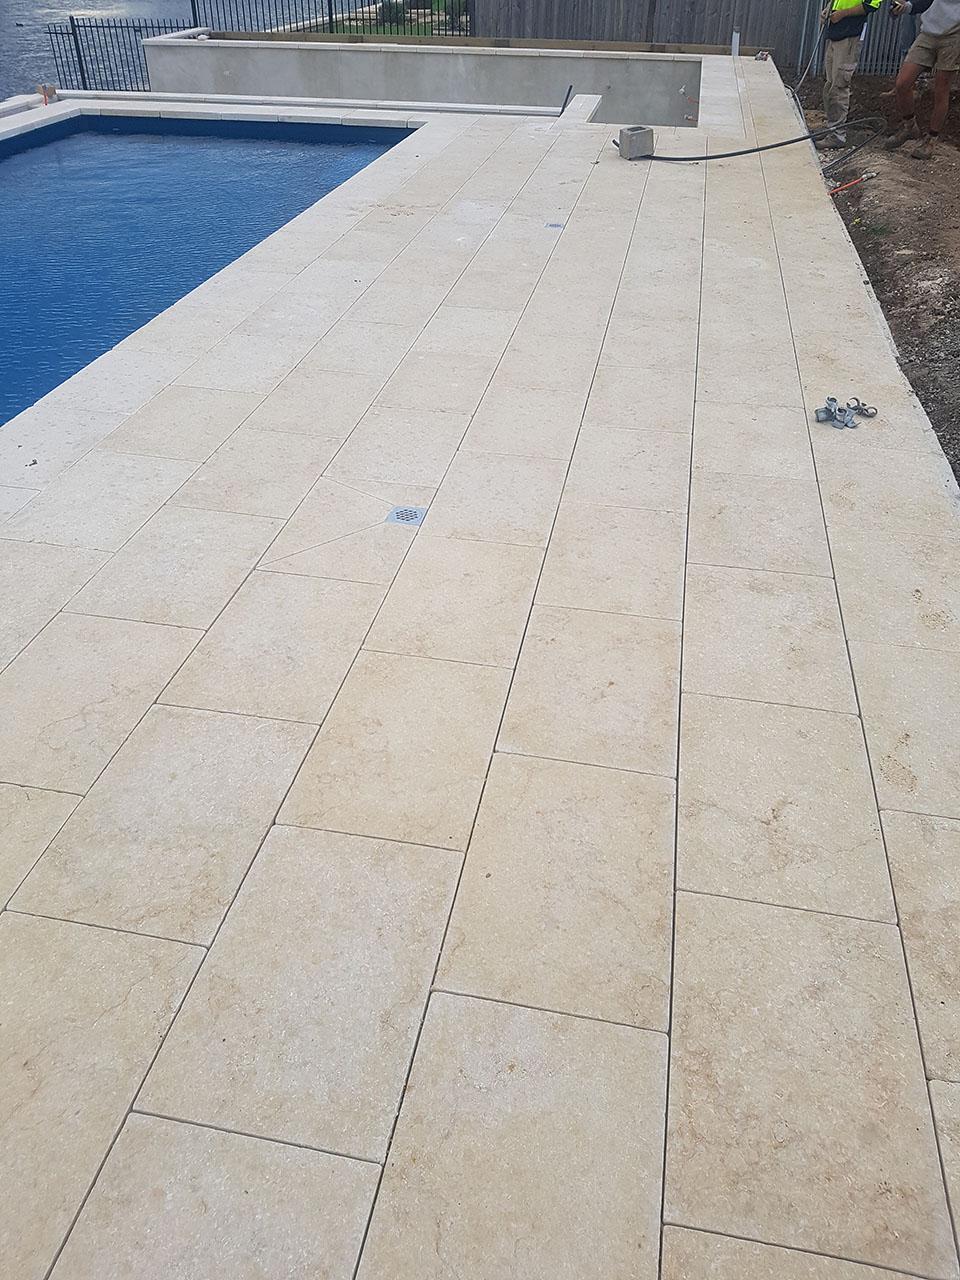 Crema Novelda Tumbled Brushed Limestone Tile Paver Pool